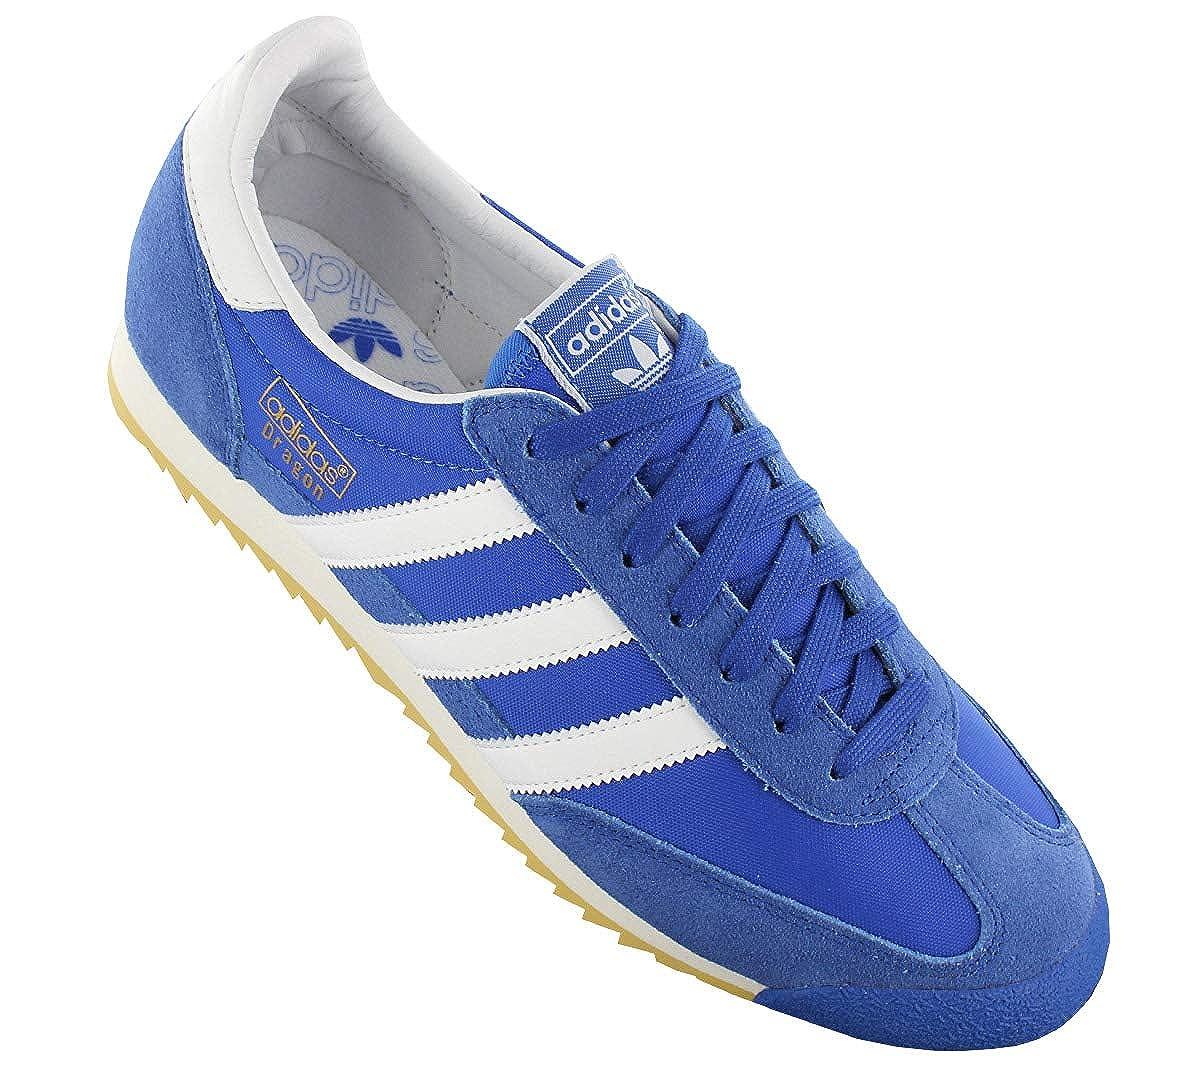 best service 2730c 9e572 adidas Dragon Vintage S32087 Chaussures pour Hommes Bleu Chaussures Homme  Sneaker Baskets Pointure  EU 40 2 3 UK 7  Amazon.fr  Chaussures et Sacs